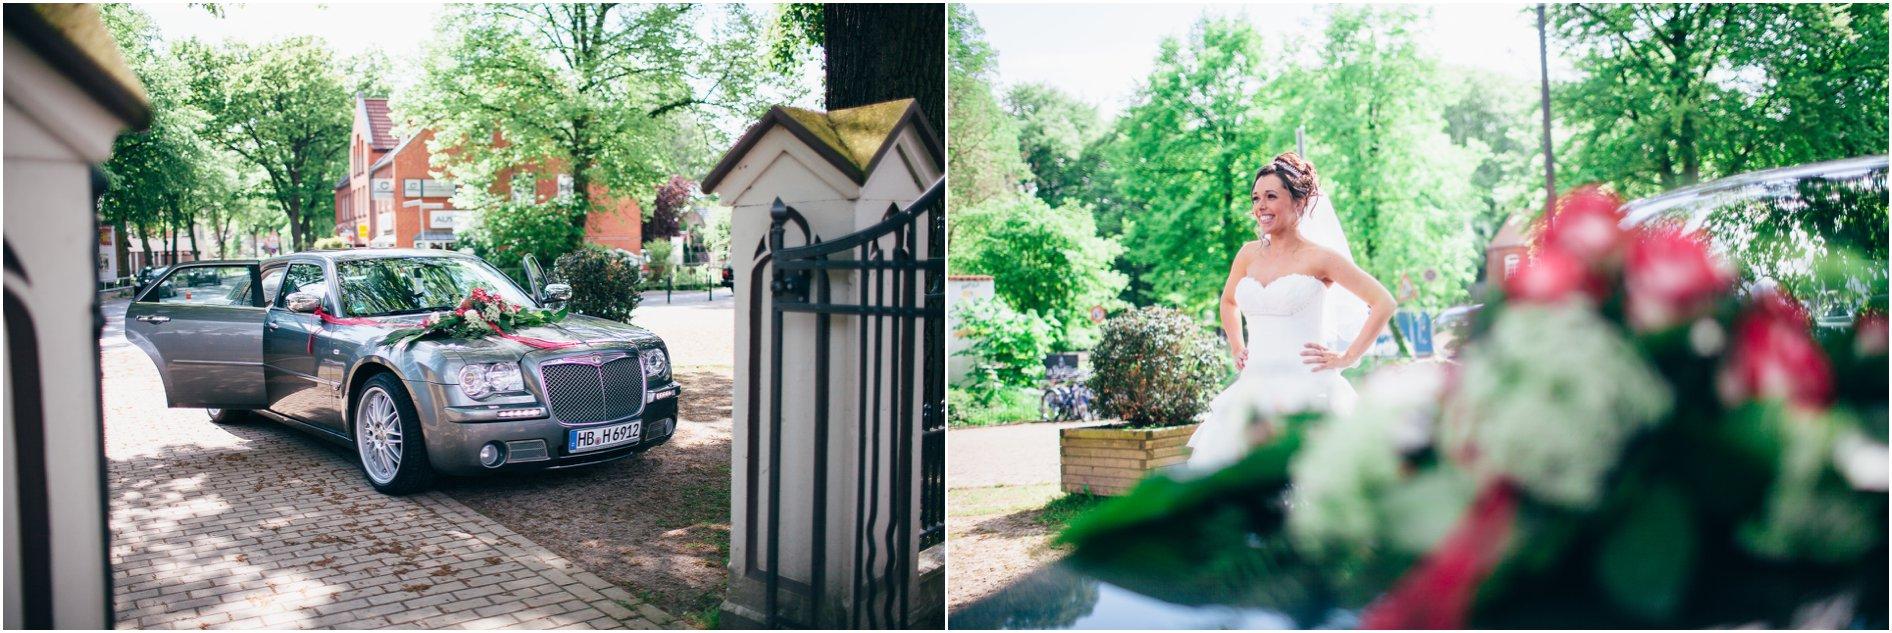 2014-07-16_0164 Anna & Igor - Hochzeitsfotograf in Bremen